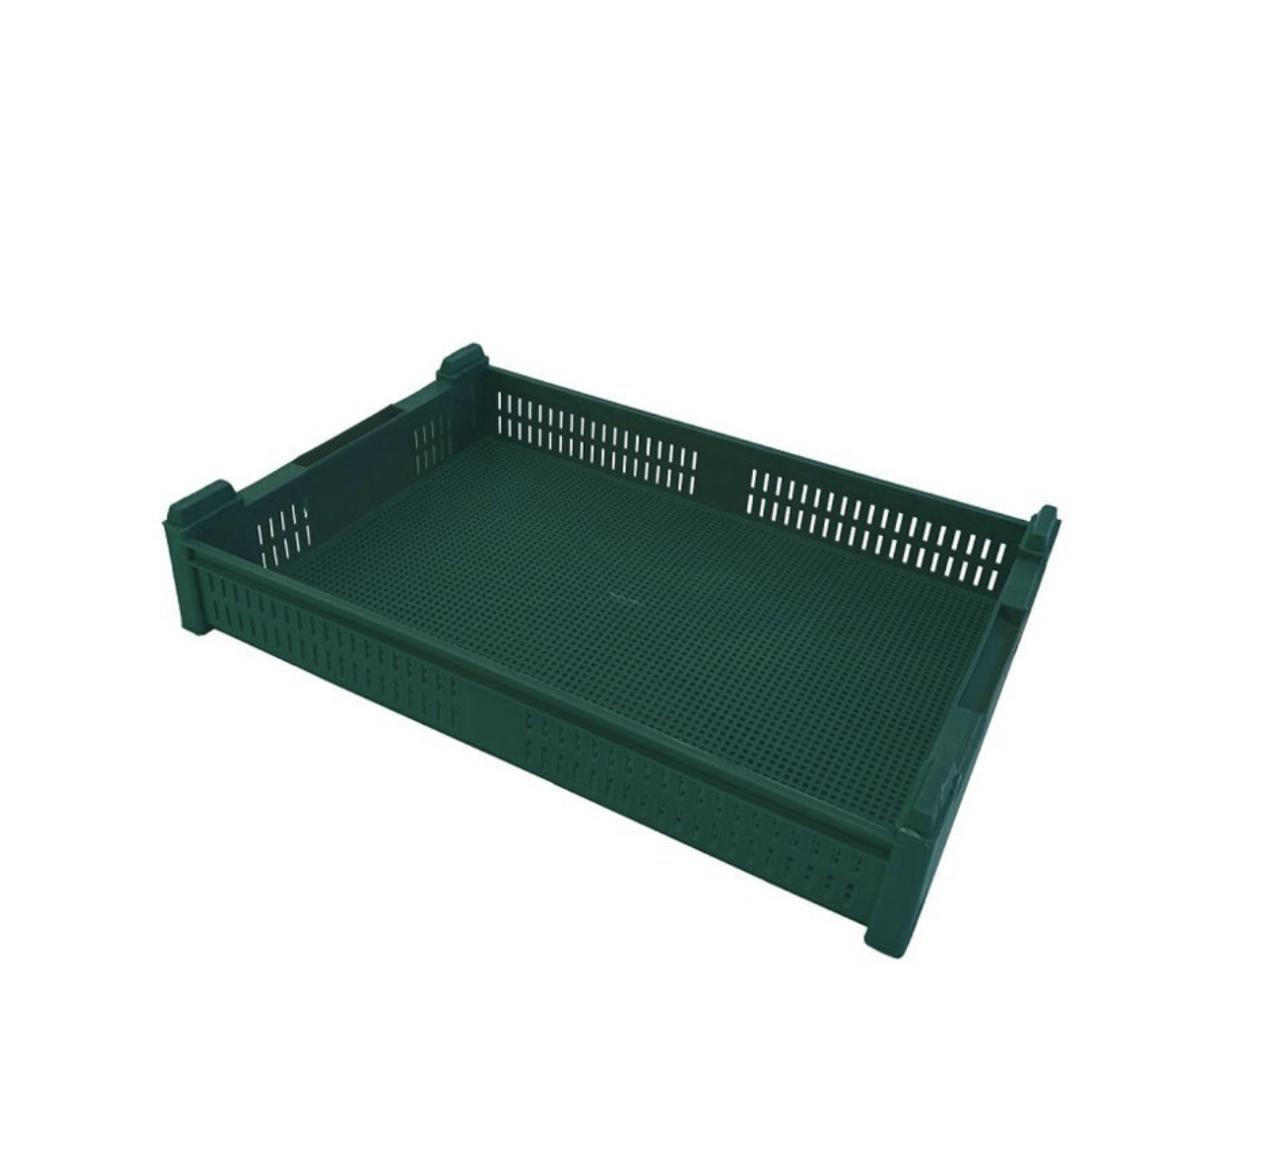 Ящик пластиковый перфорированный (60*40*11 см) Зеленый